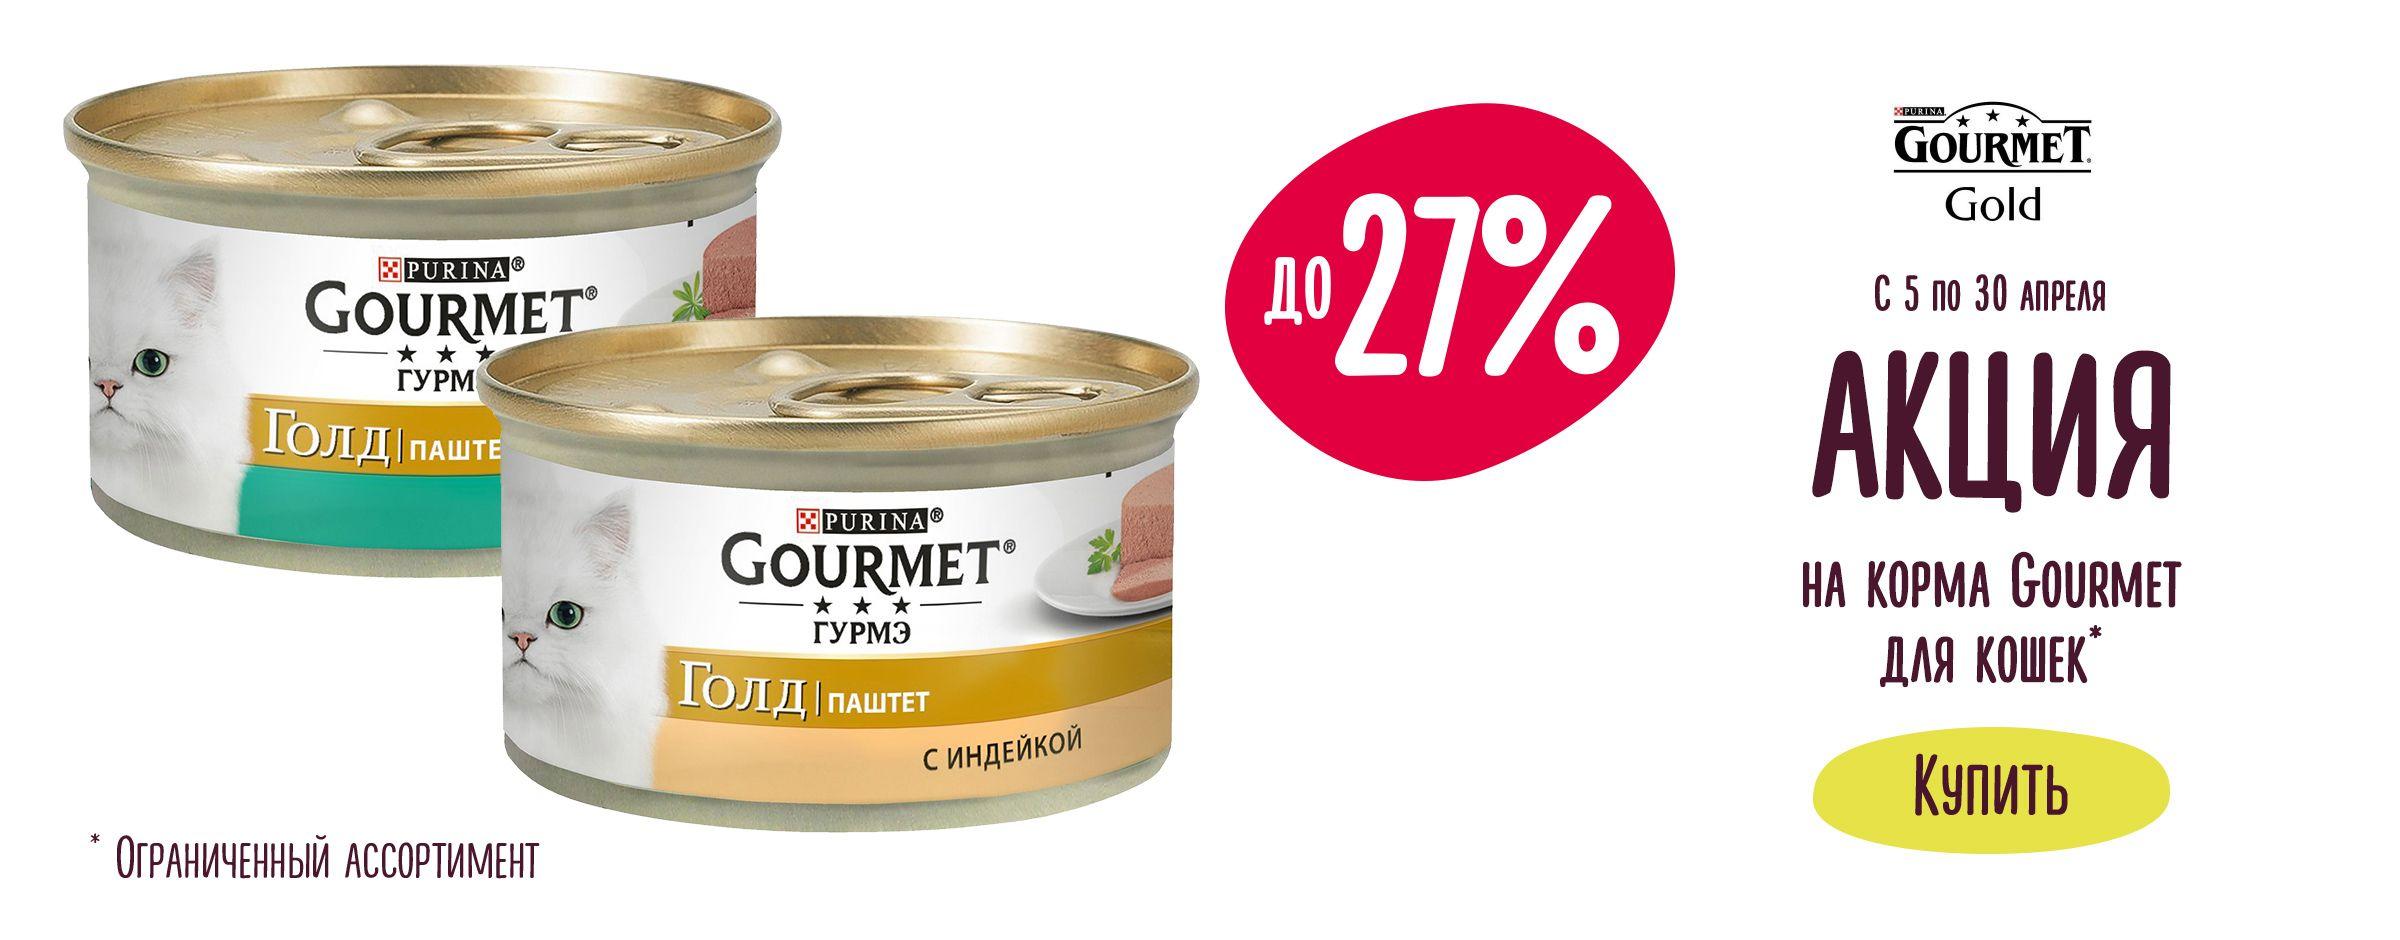 Скидки до 27% на корма Gourmet для кошек